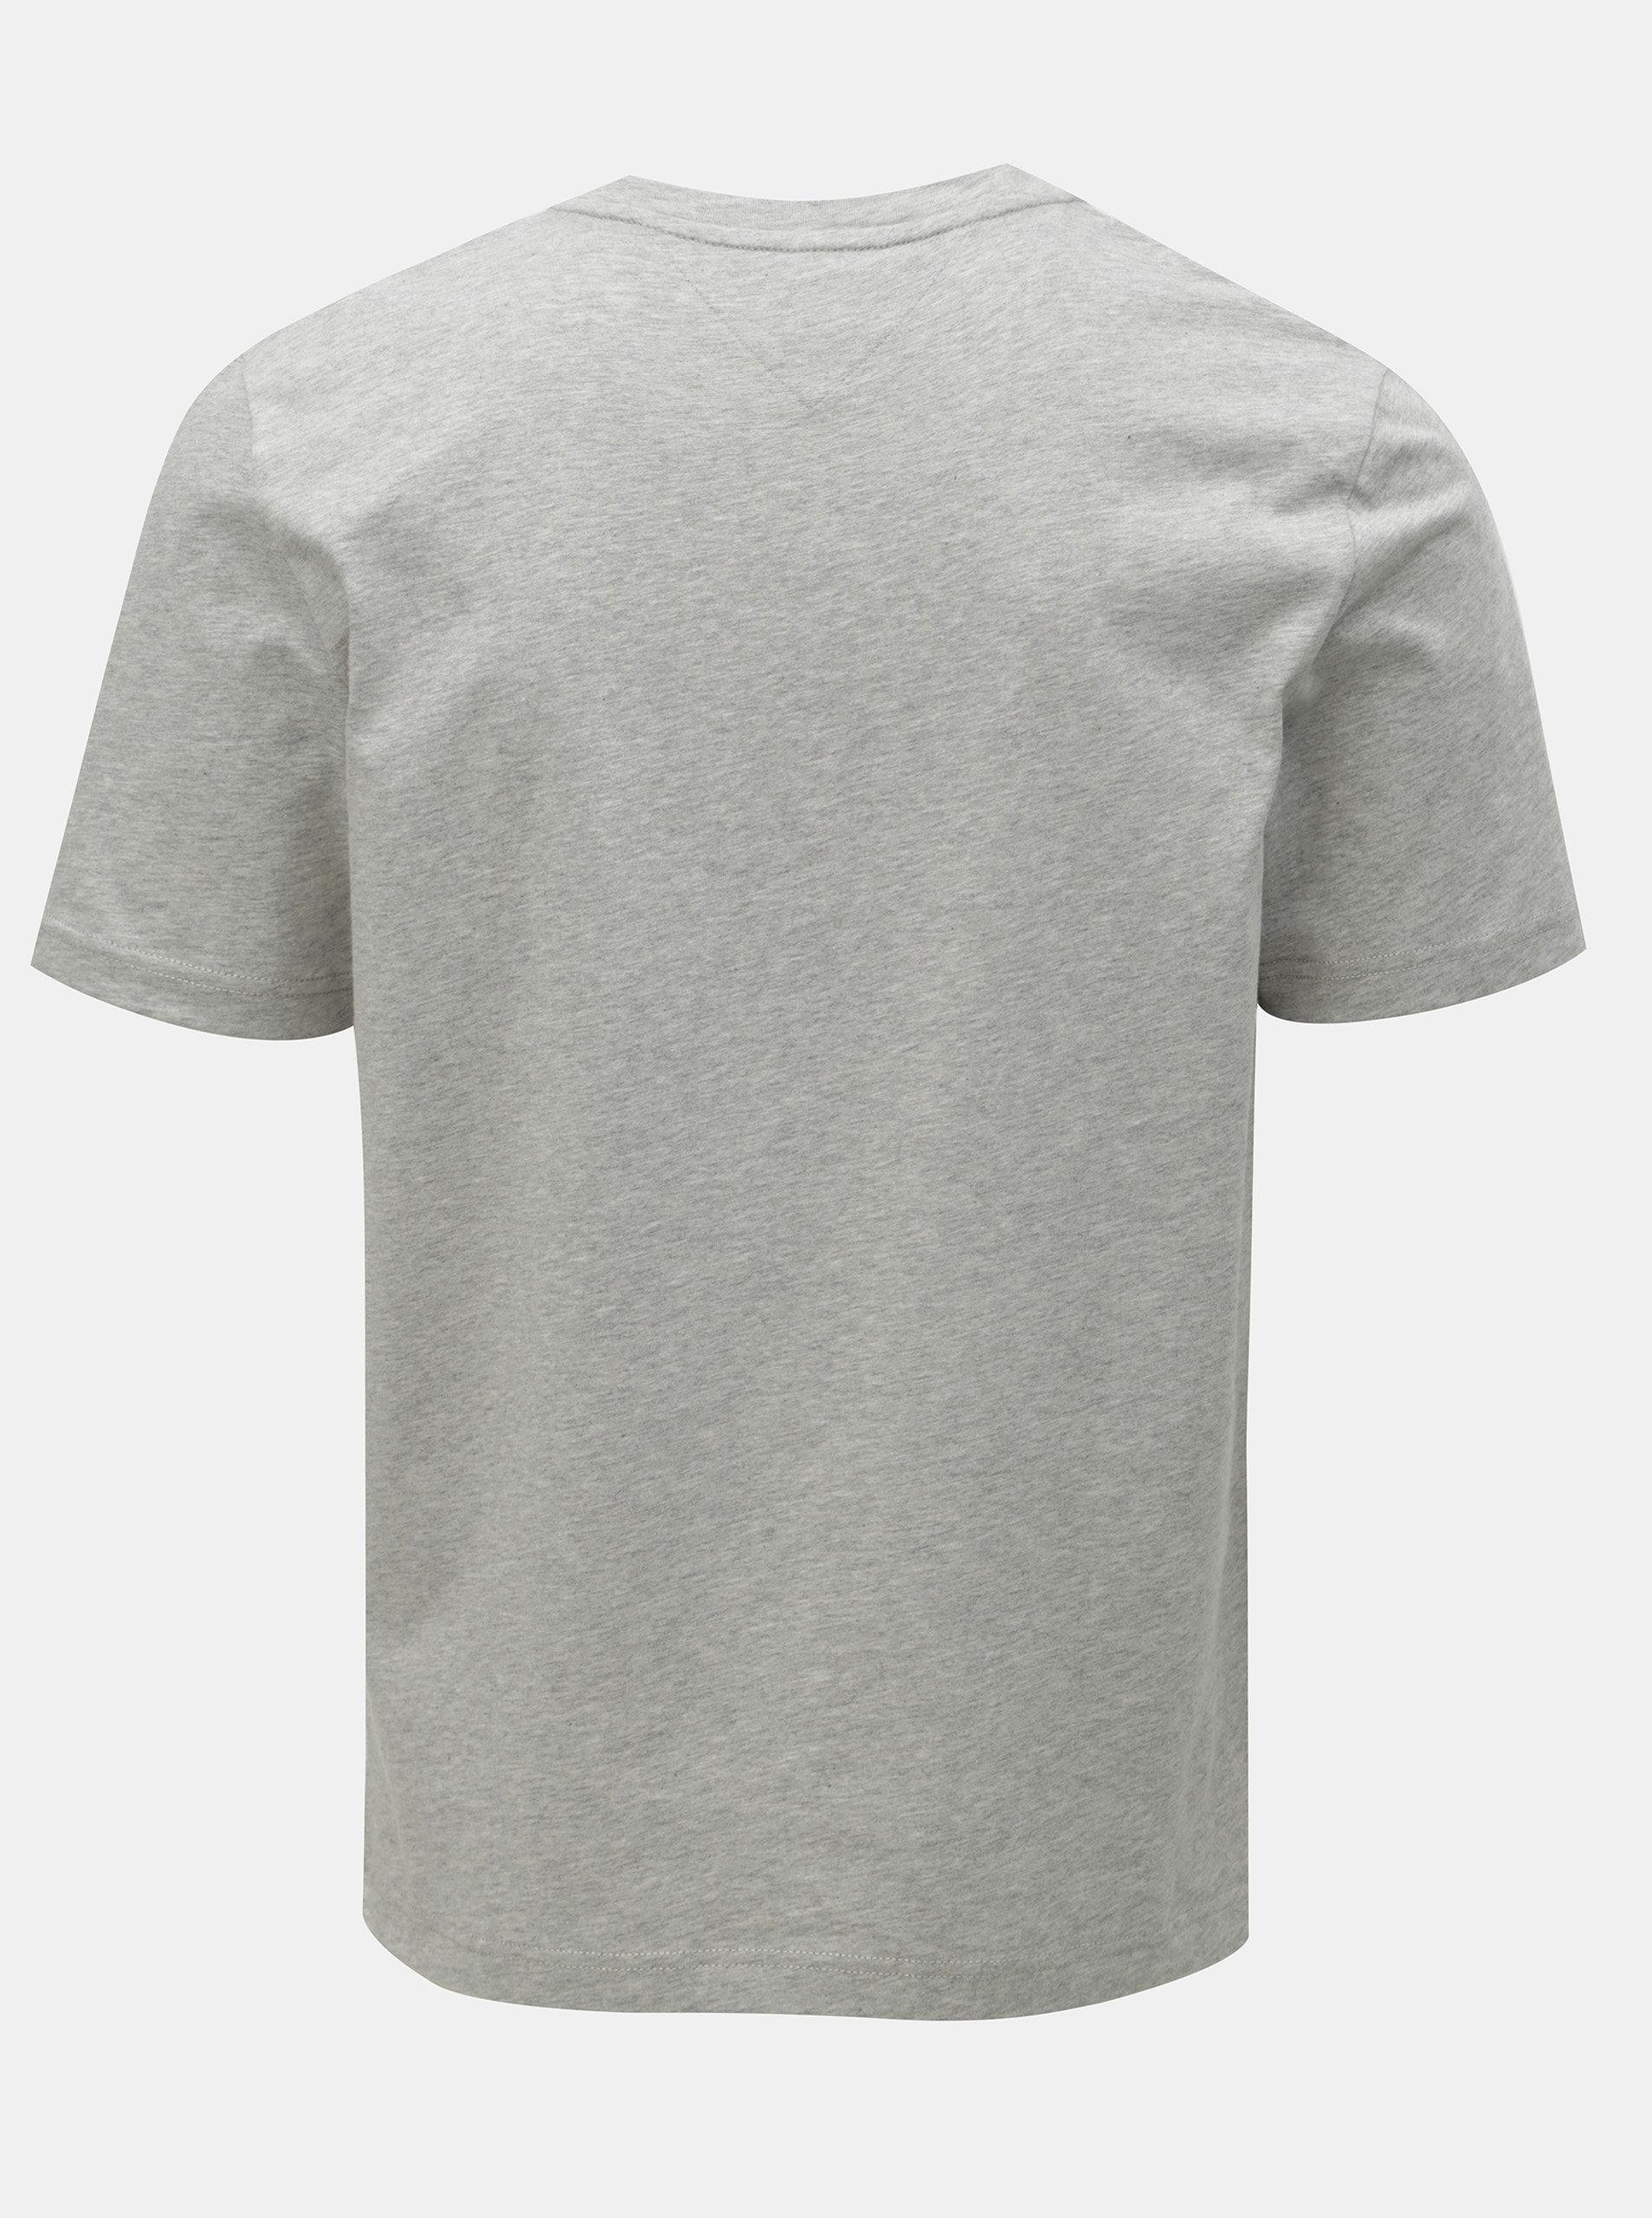 316a4e198e29 Světle šedé pánské žíhané tričko Tommy Hilfiger ...